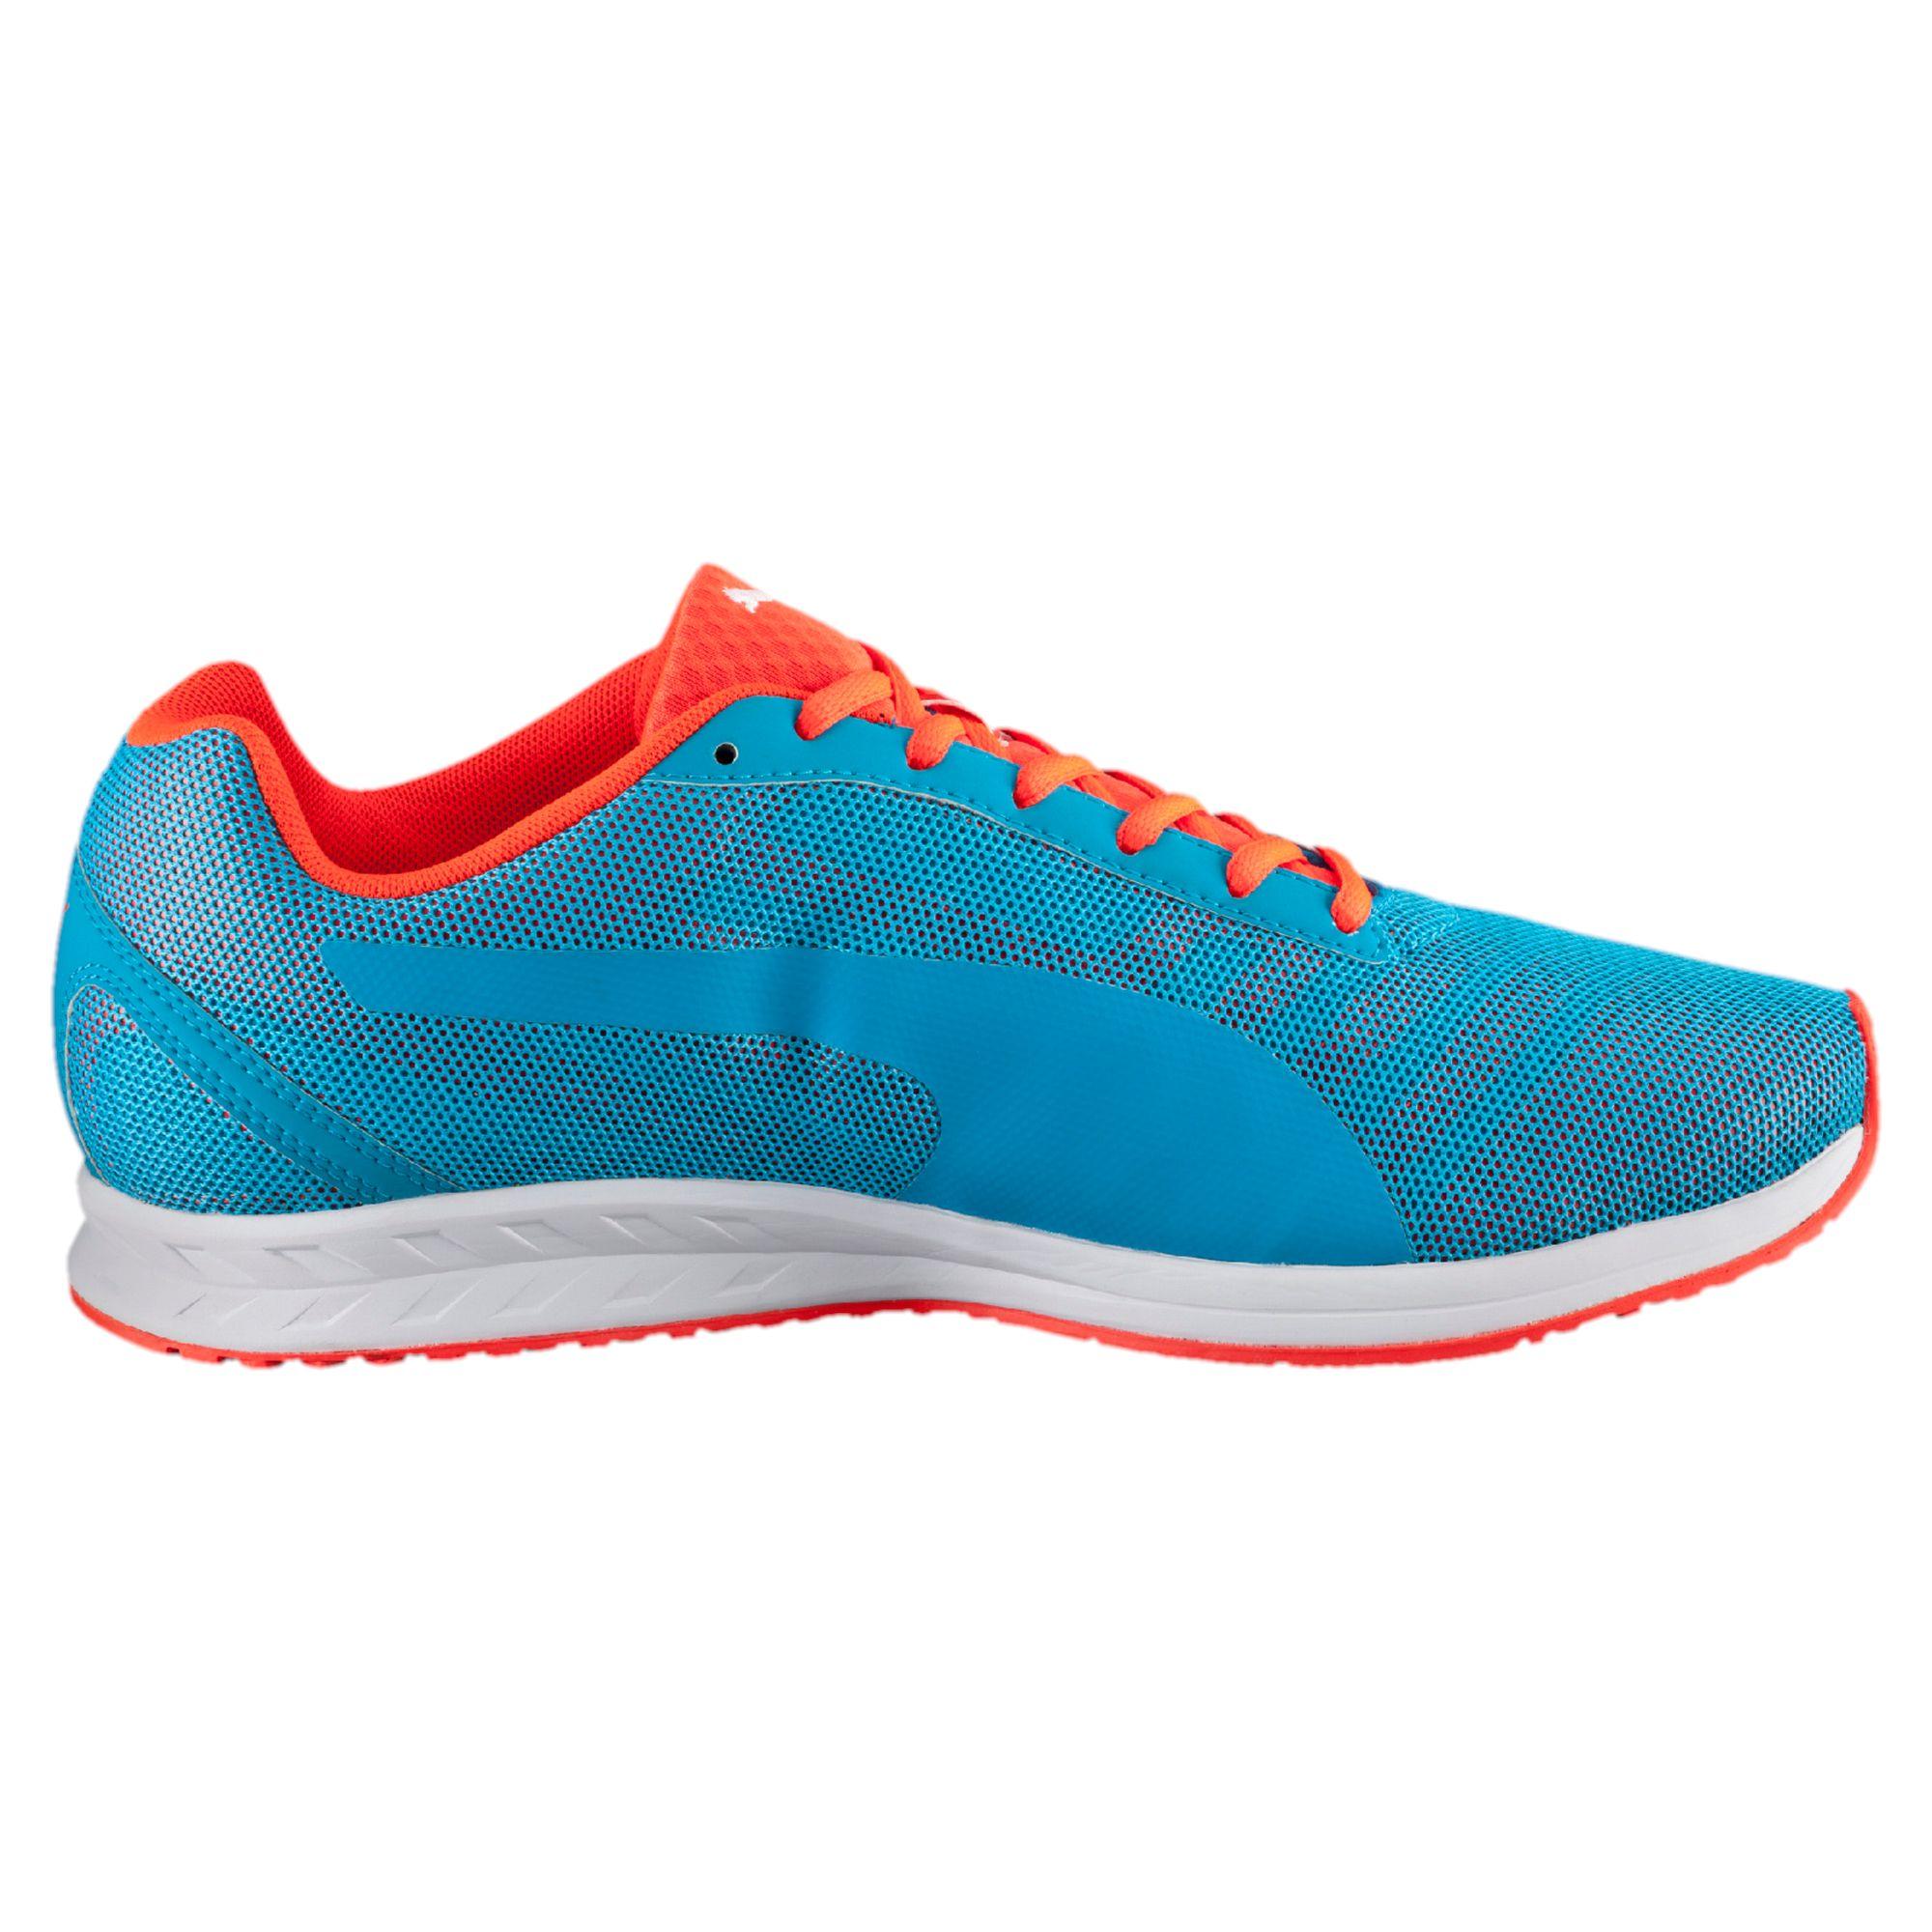 Details zu PUMA Burst Laufschuhe Männer Schuhe Laufen Neu